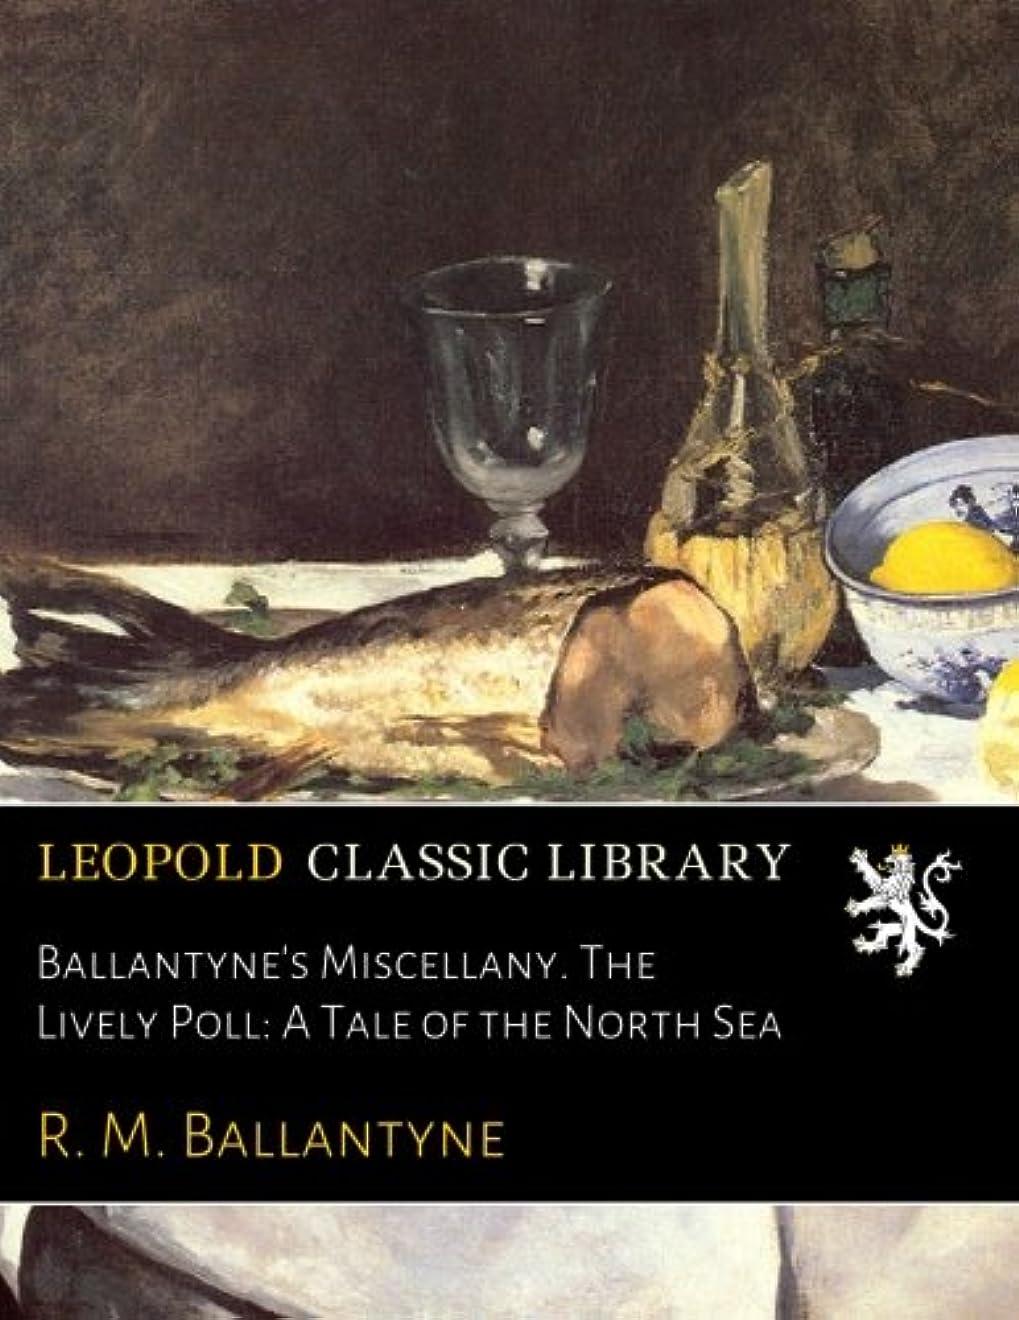 配る対話把握Ballantyne's Miscellany. The Lively Poll: A Tale of the North Sea